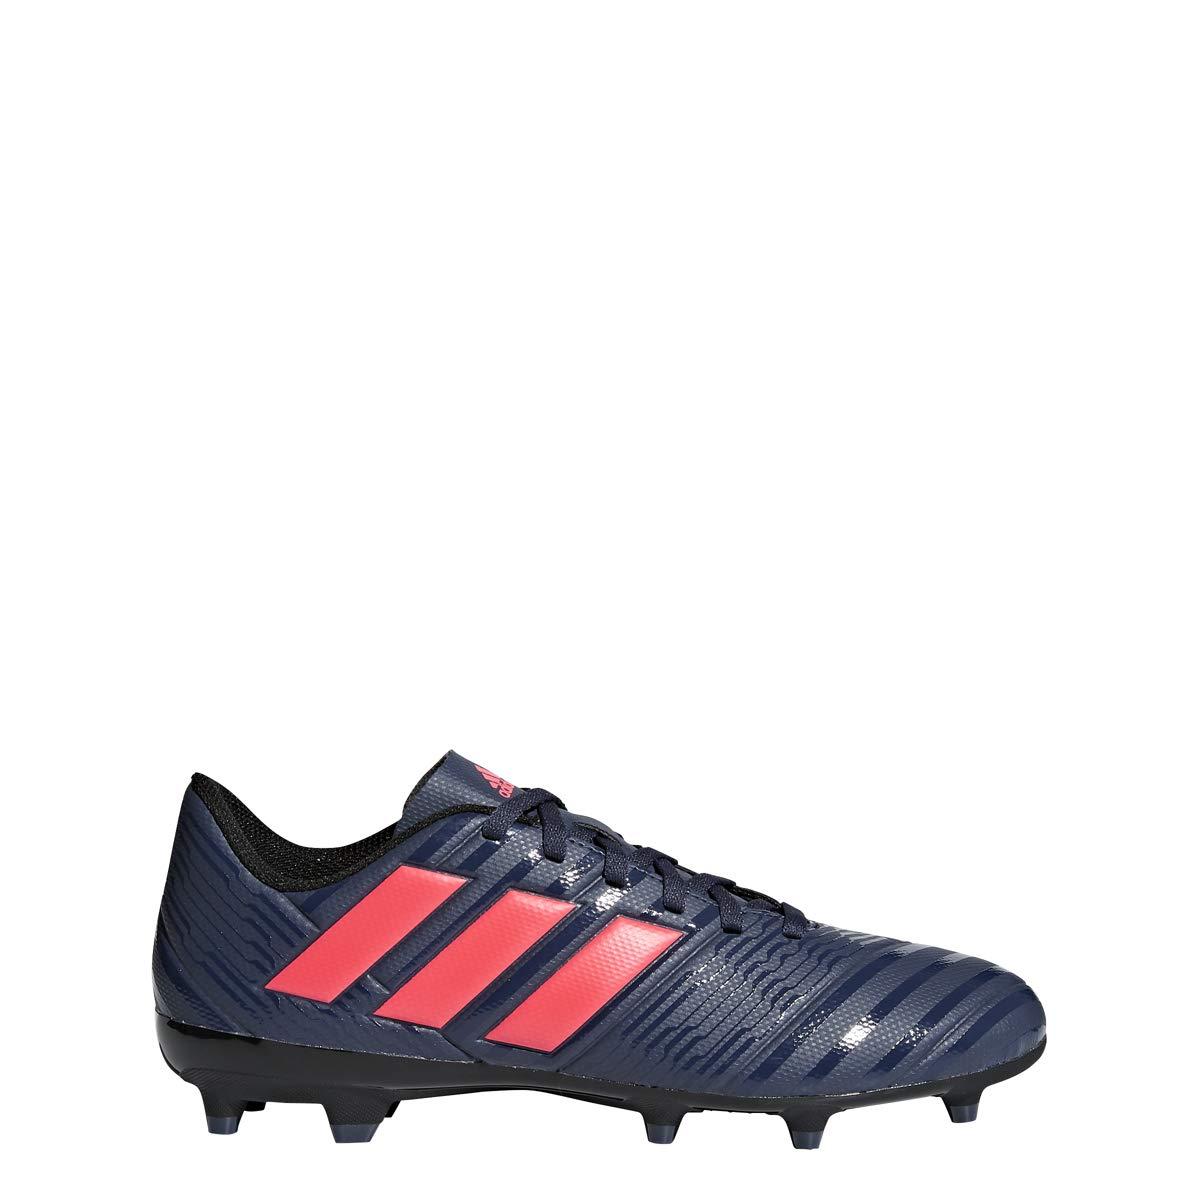 adidas Women's Nemeziz 17.4 FG W Soccer Shoe, Trace Blue/Red Zest/Core Black, 9.5 M US